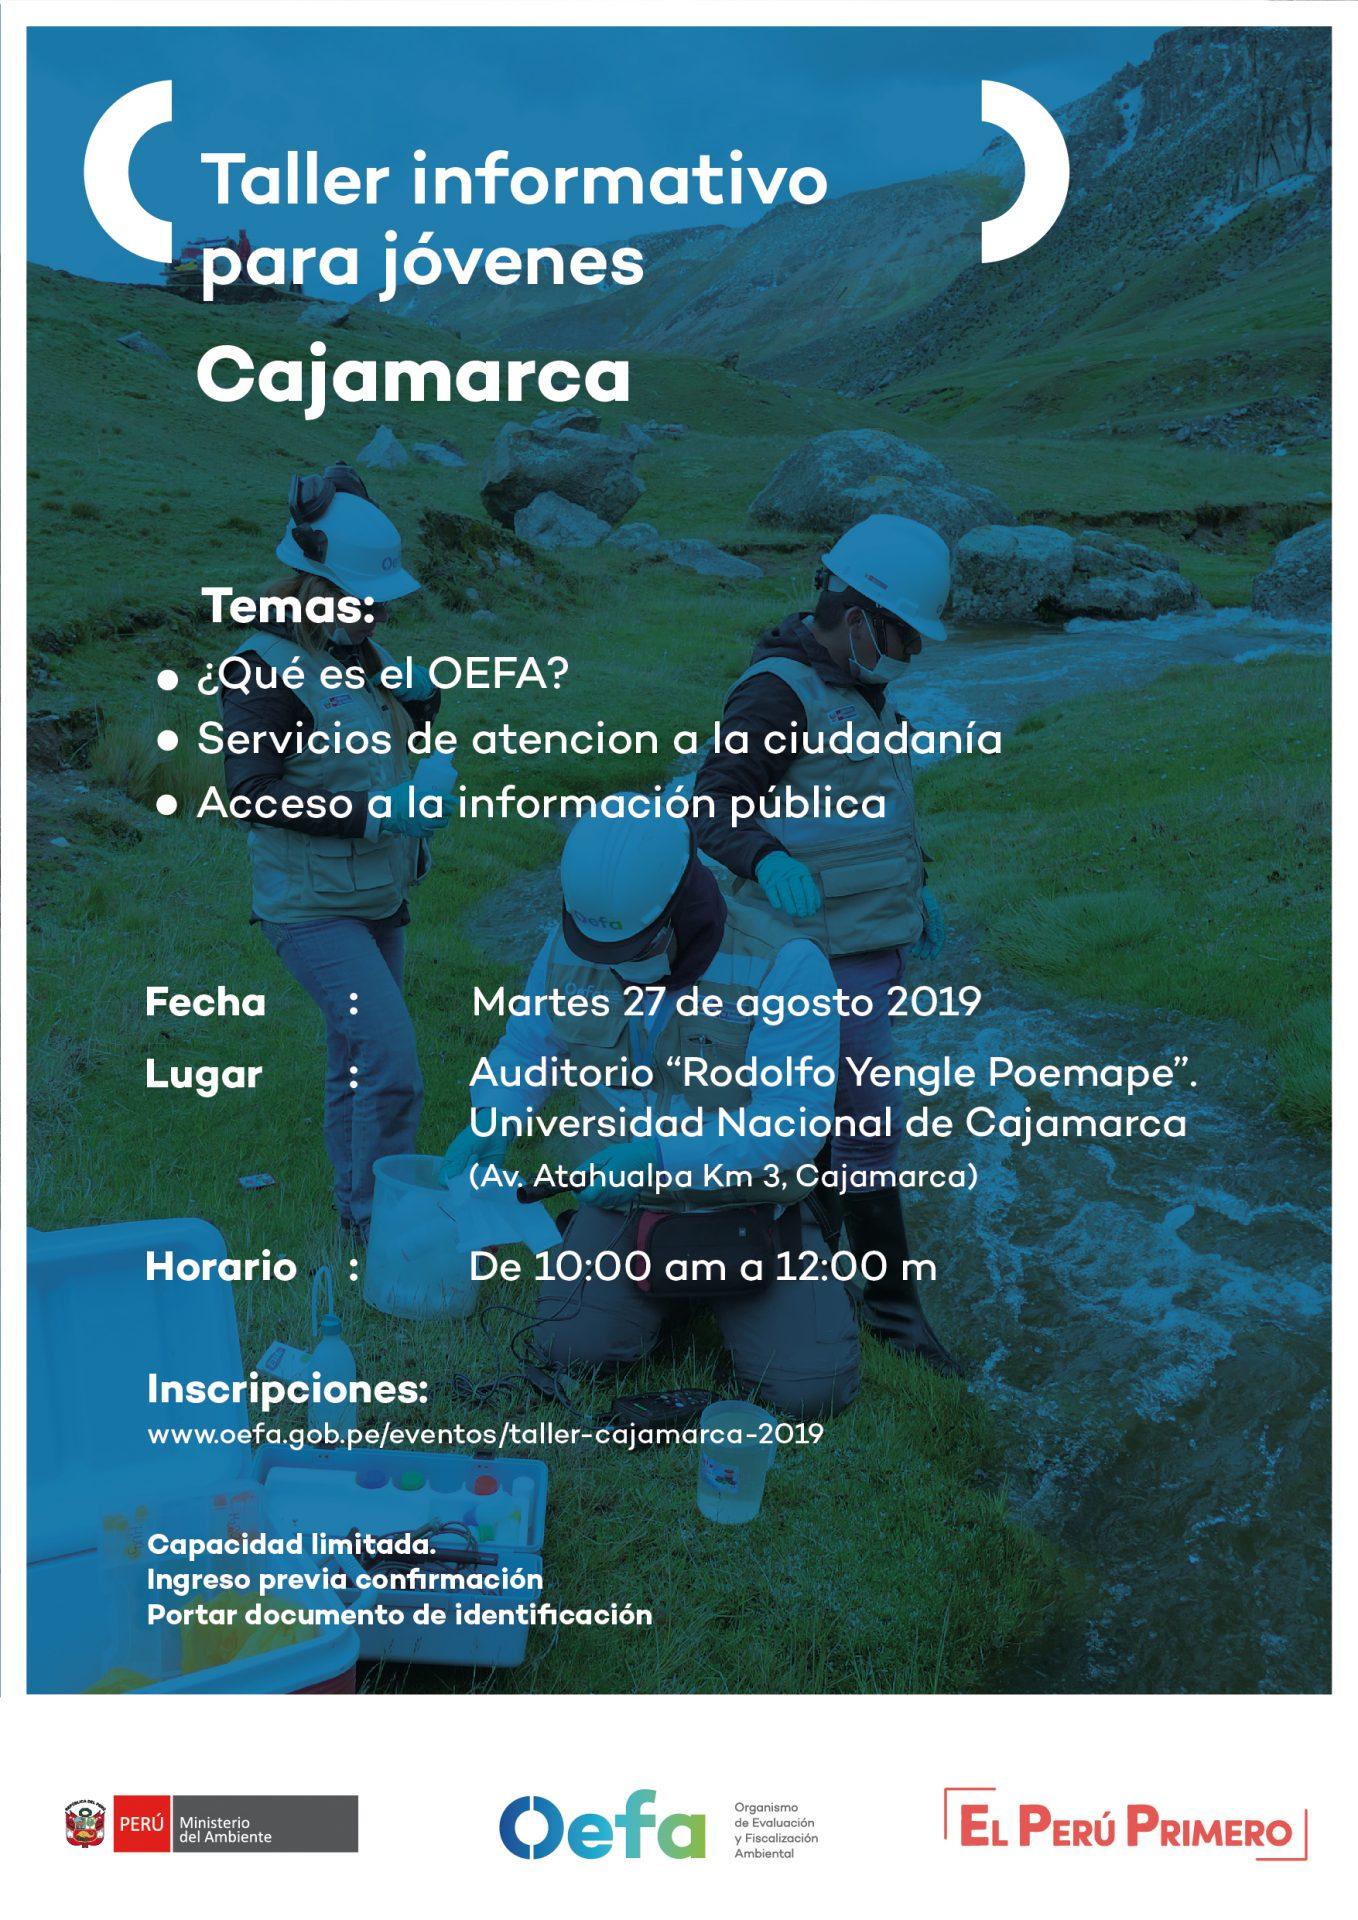 Taller Informativo OEFA para jóvenes – Cajamarca